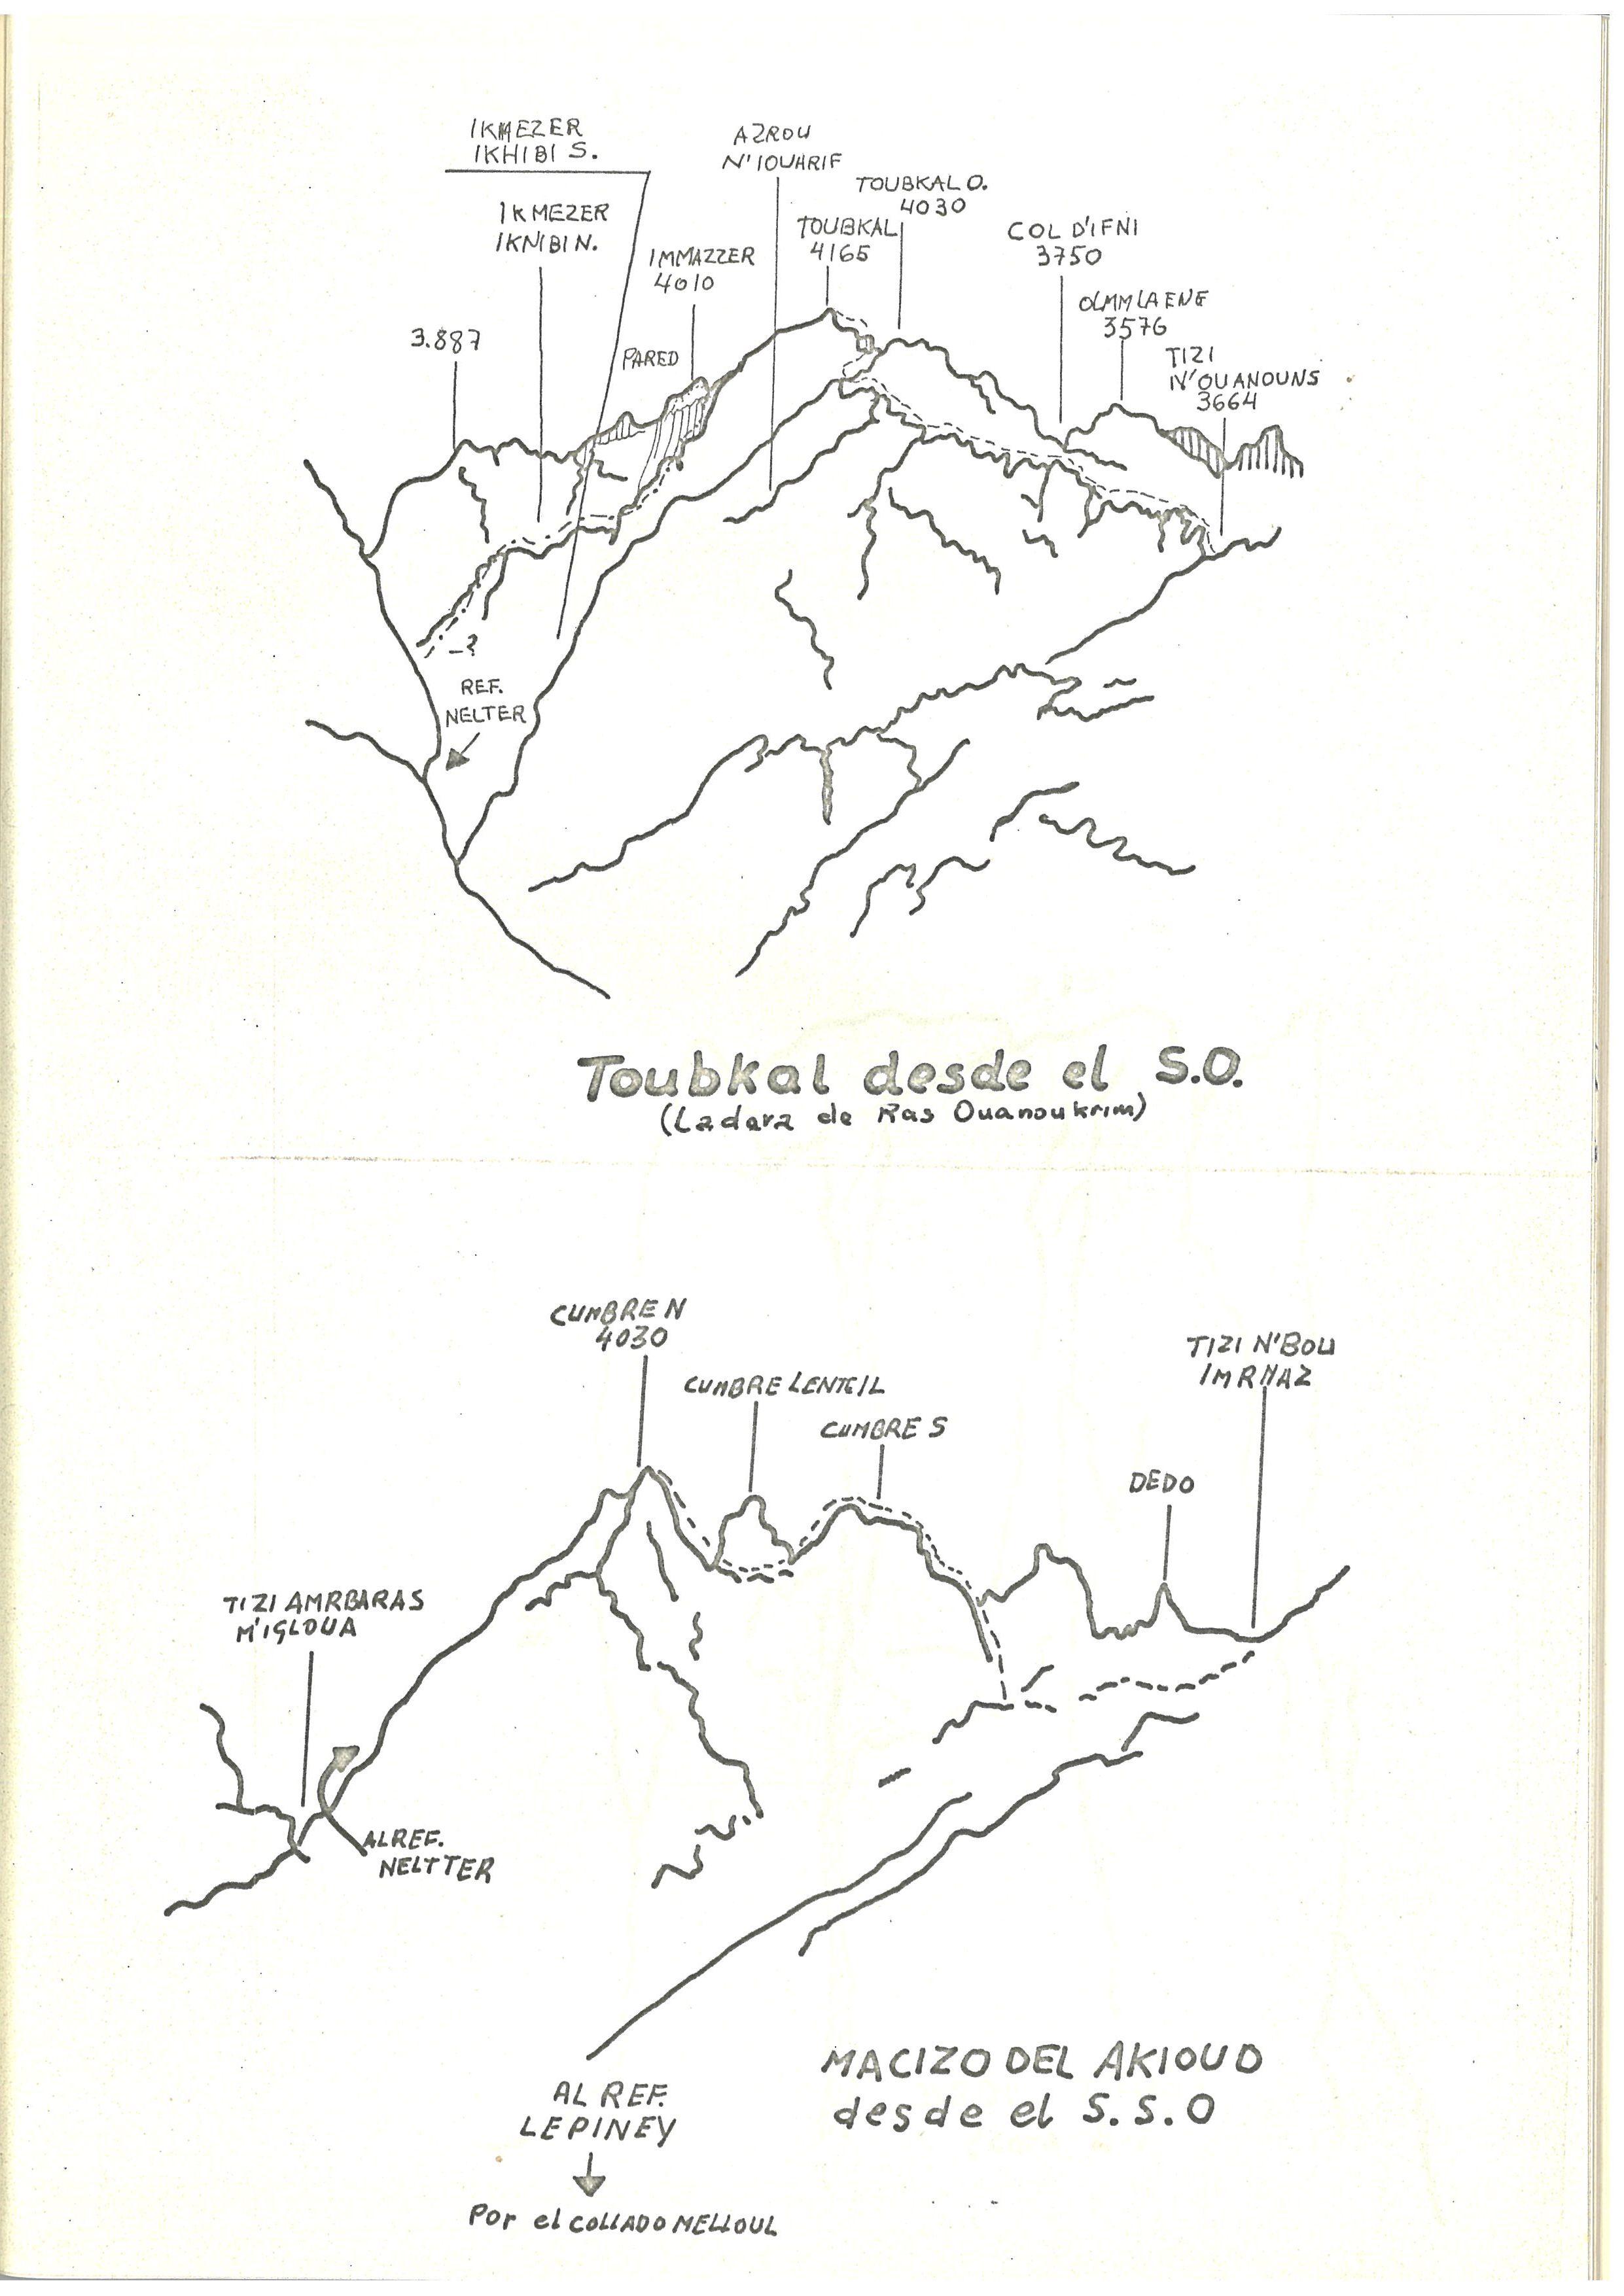 Pàgina del llibret promocional de l'expedició amb dibuixos de la zona del Toubkal i Akioud